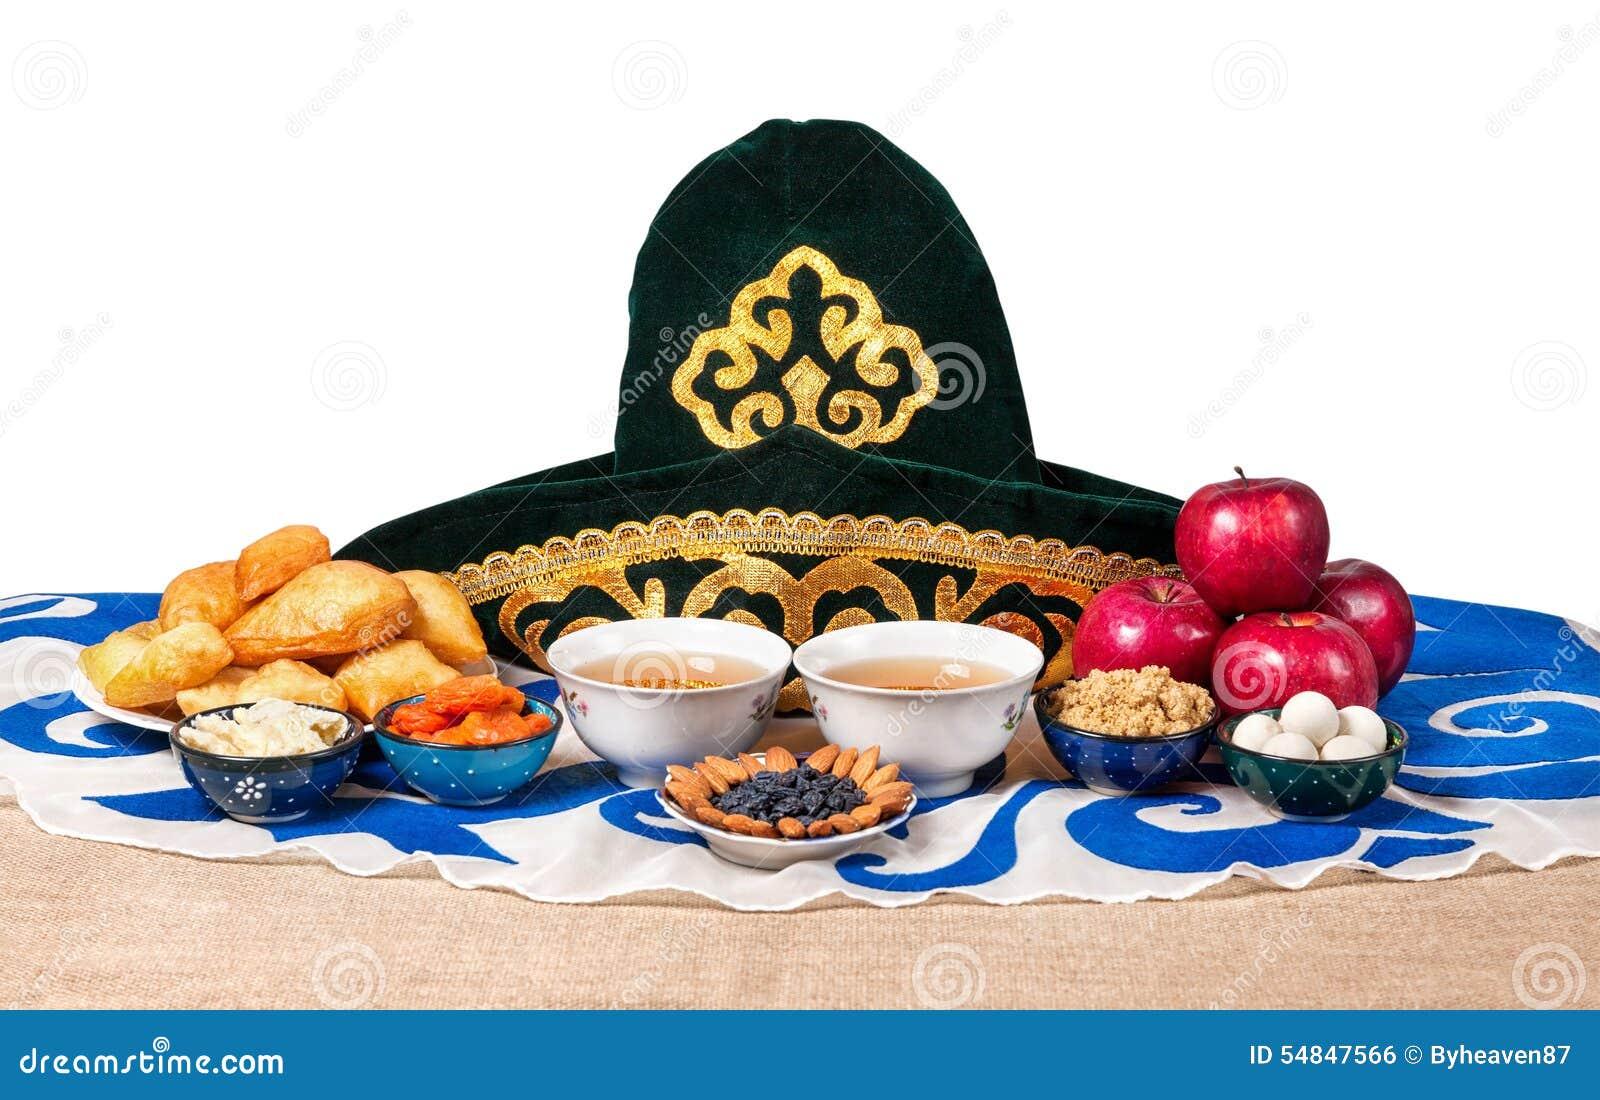 在桌上的哈萨克人全国在白色背景的食物与全国帽子和茶.